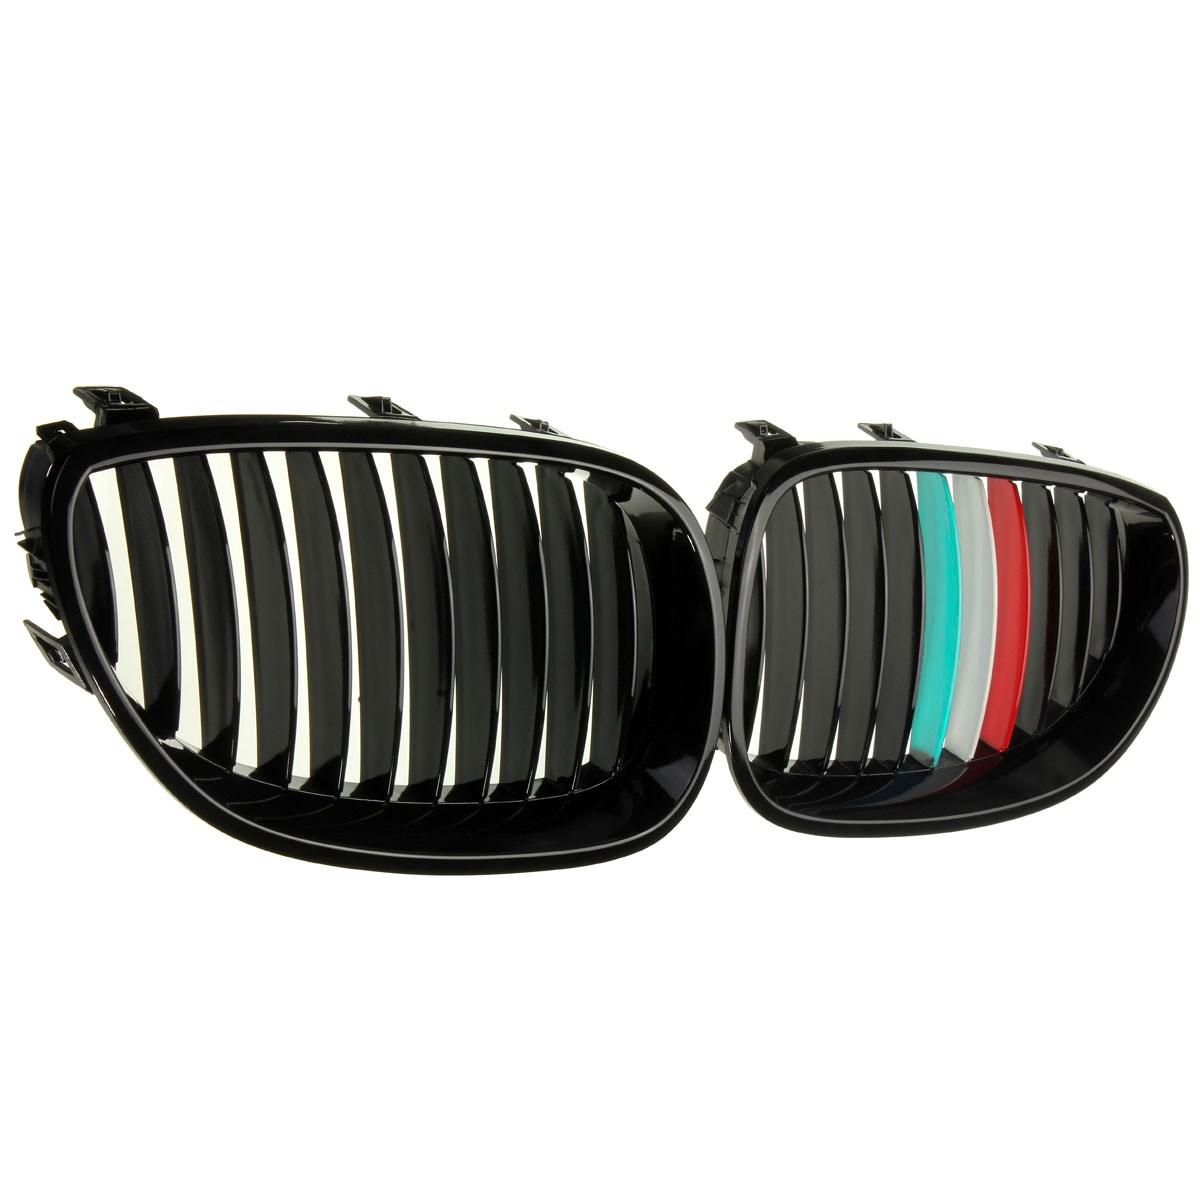 Передние решетки и накладки на радиаторы For BMW E60 1 + + BMW E60 E61 5 2003/2009 для bmw 5 series e61 задние воздуха ездить подвеска шок опоры воздушной подушки продажа новых 37126765602